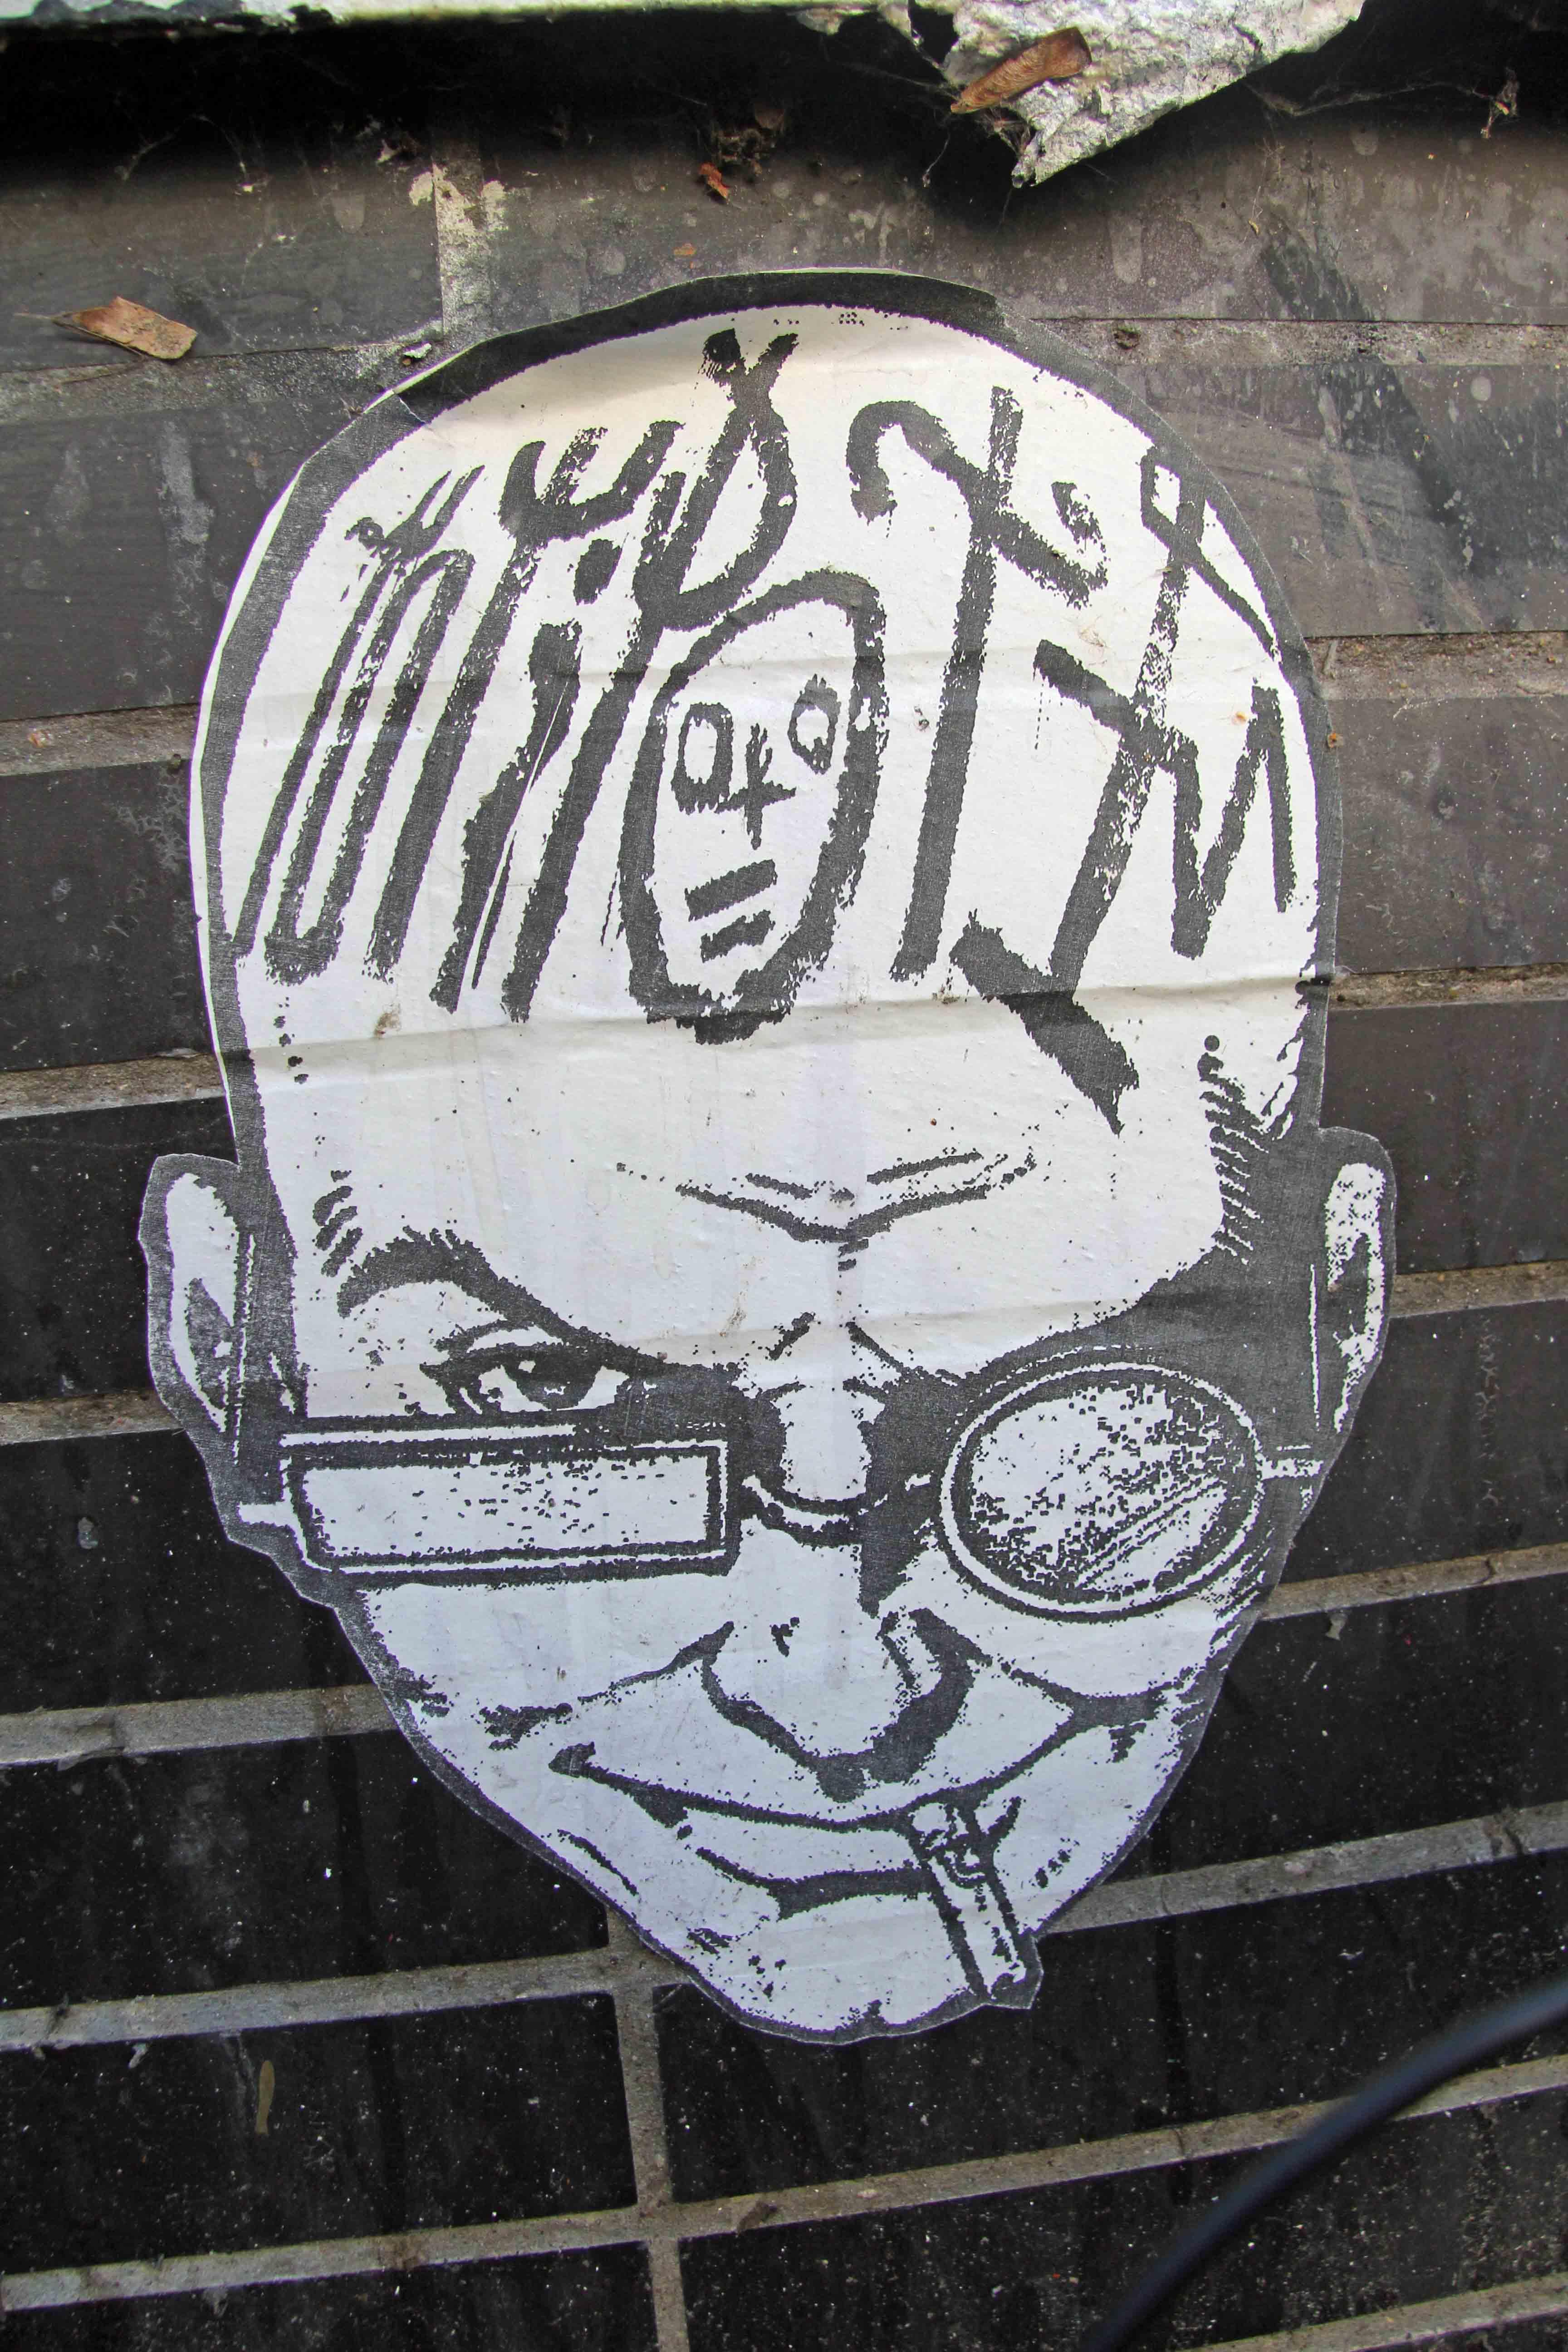 Mad Scientist - Street Art by Unknown Artist in Berlin